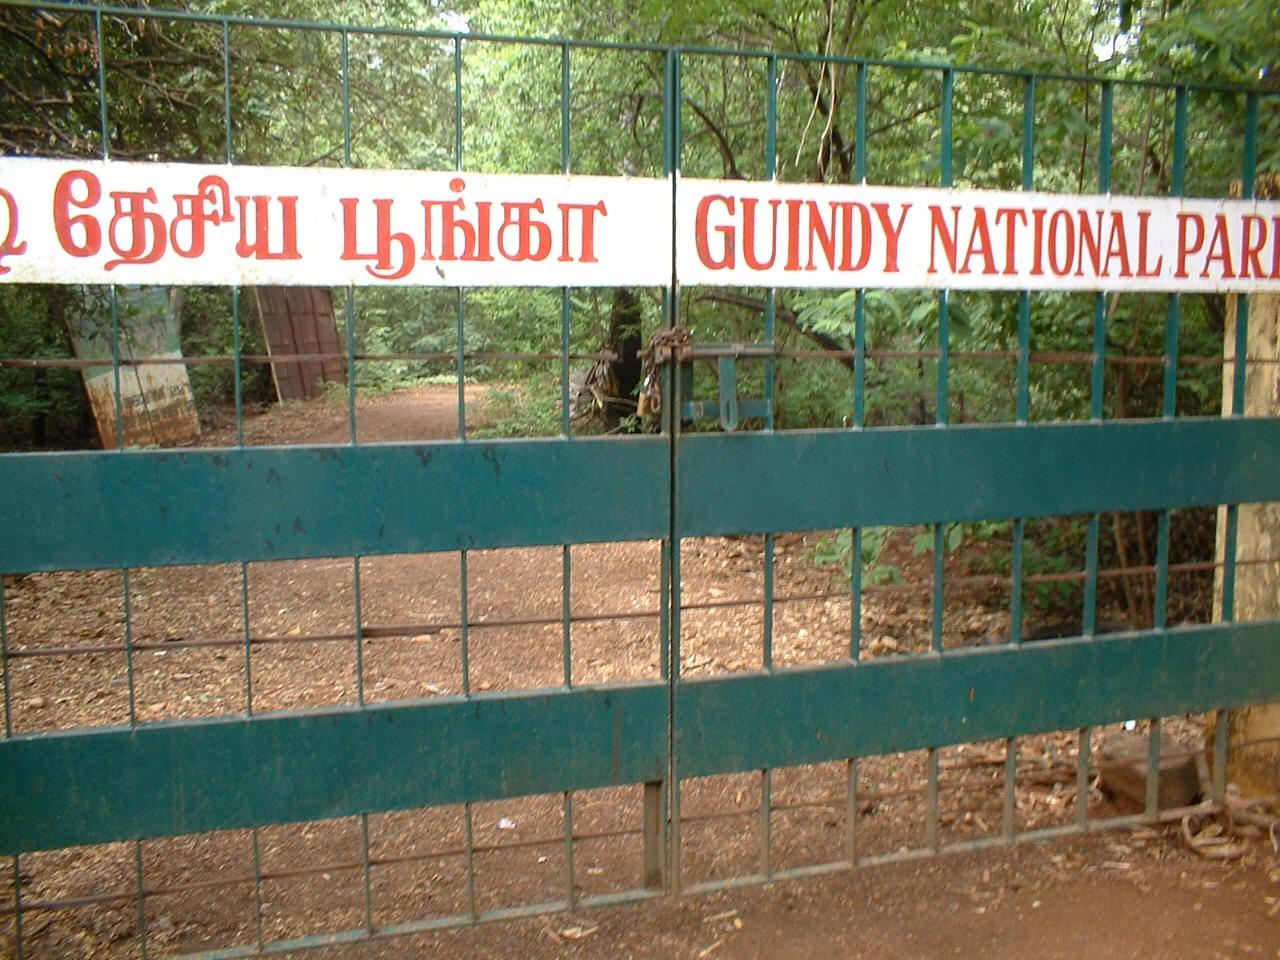 Guindyn kansallispuisto